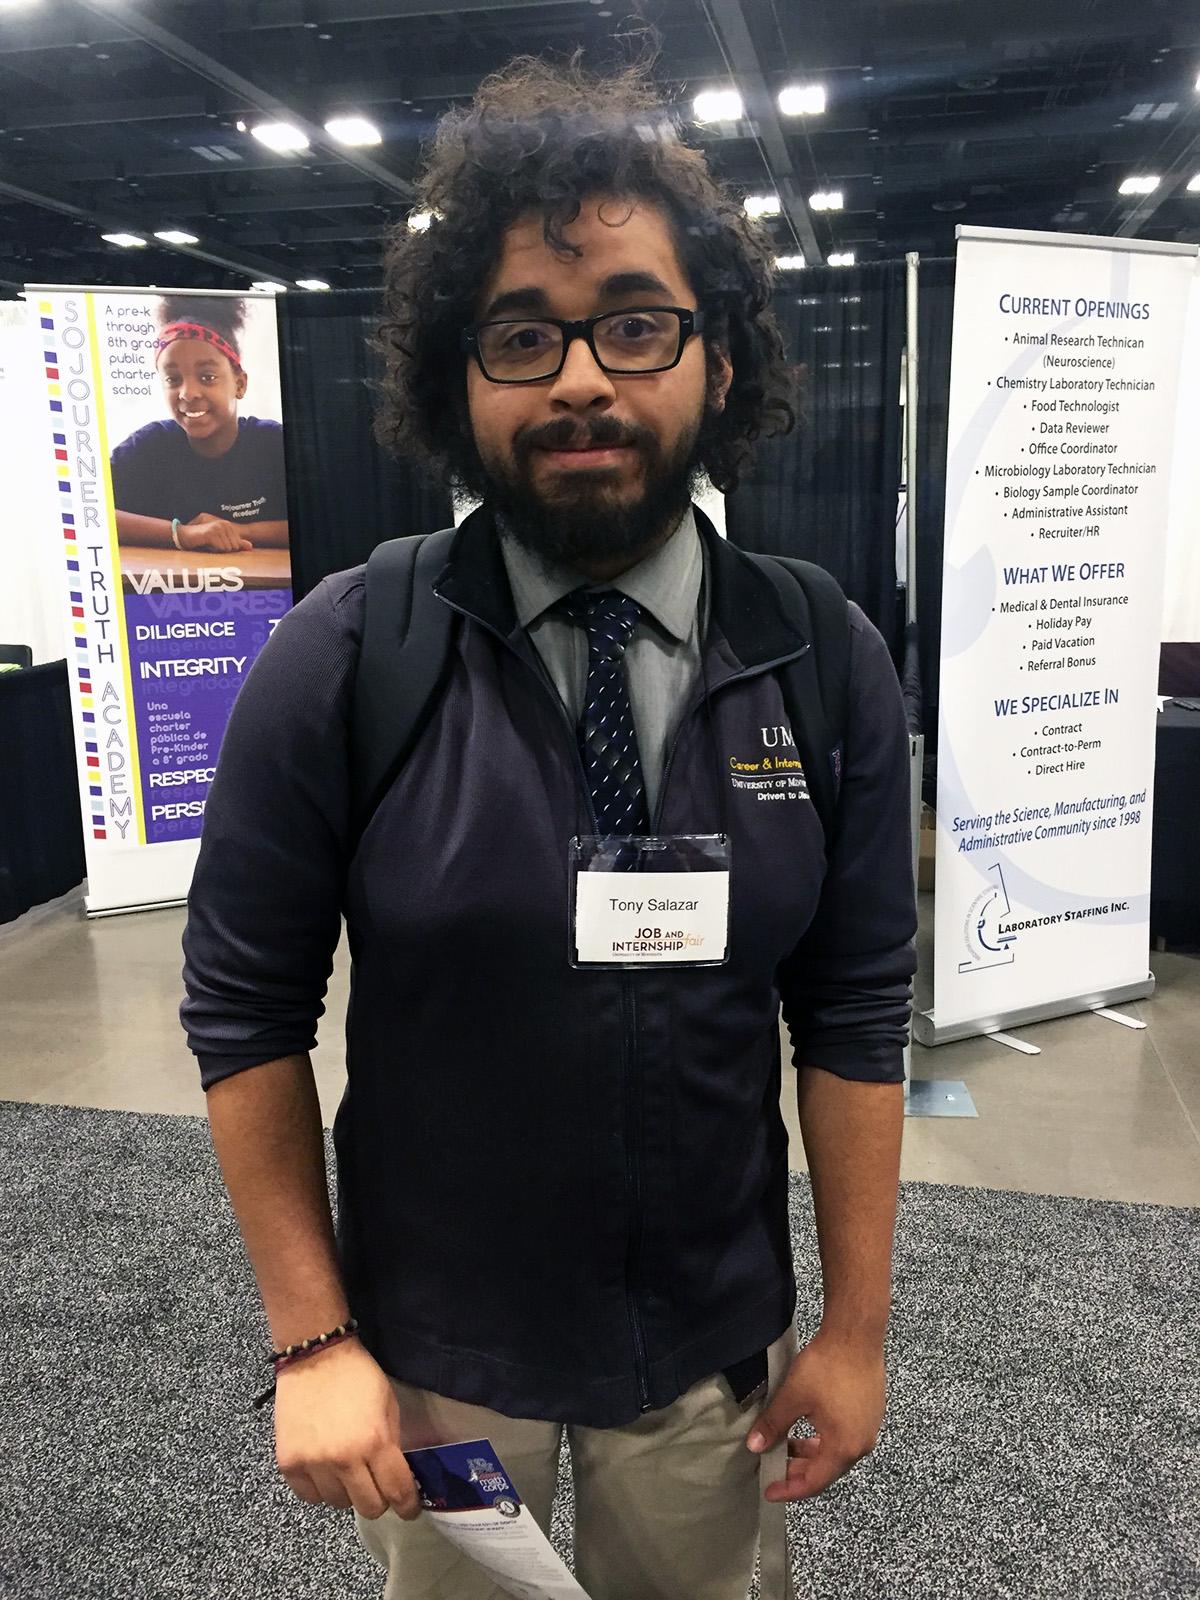 Student at job fair